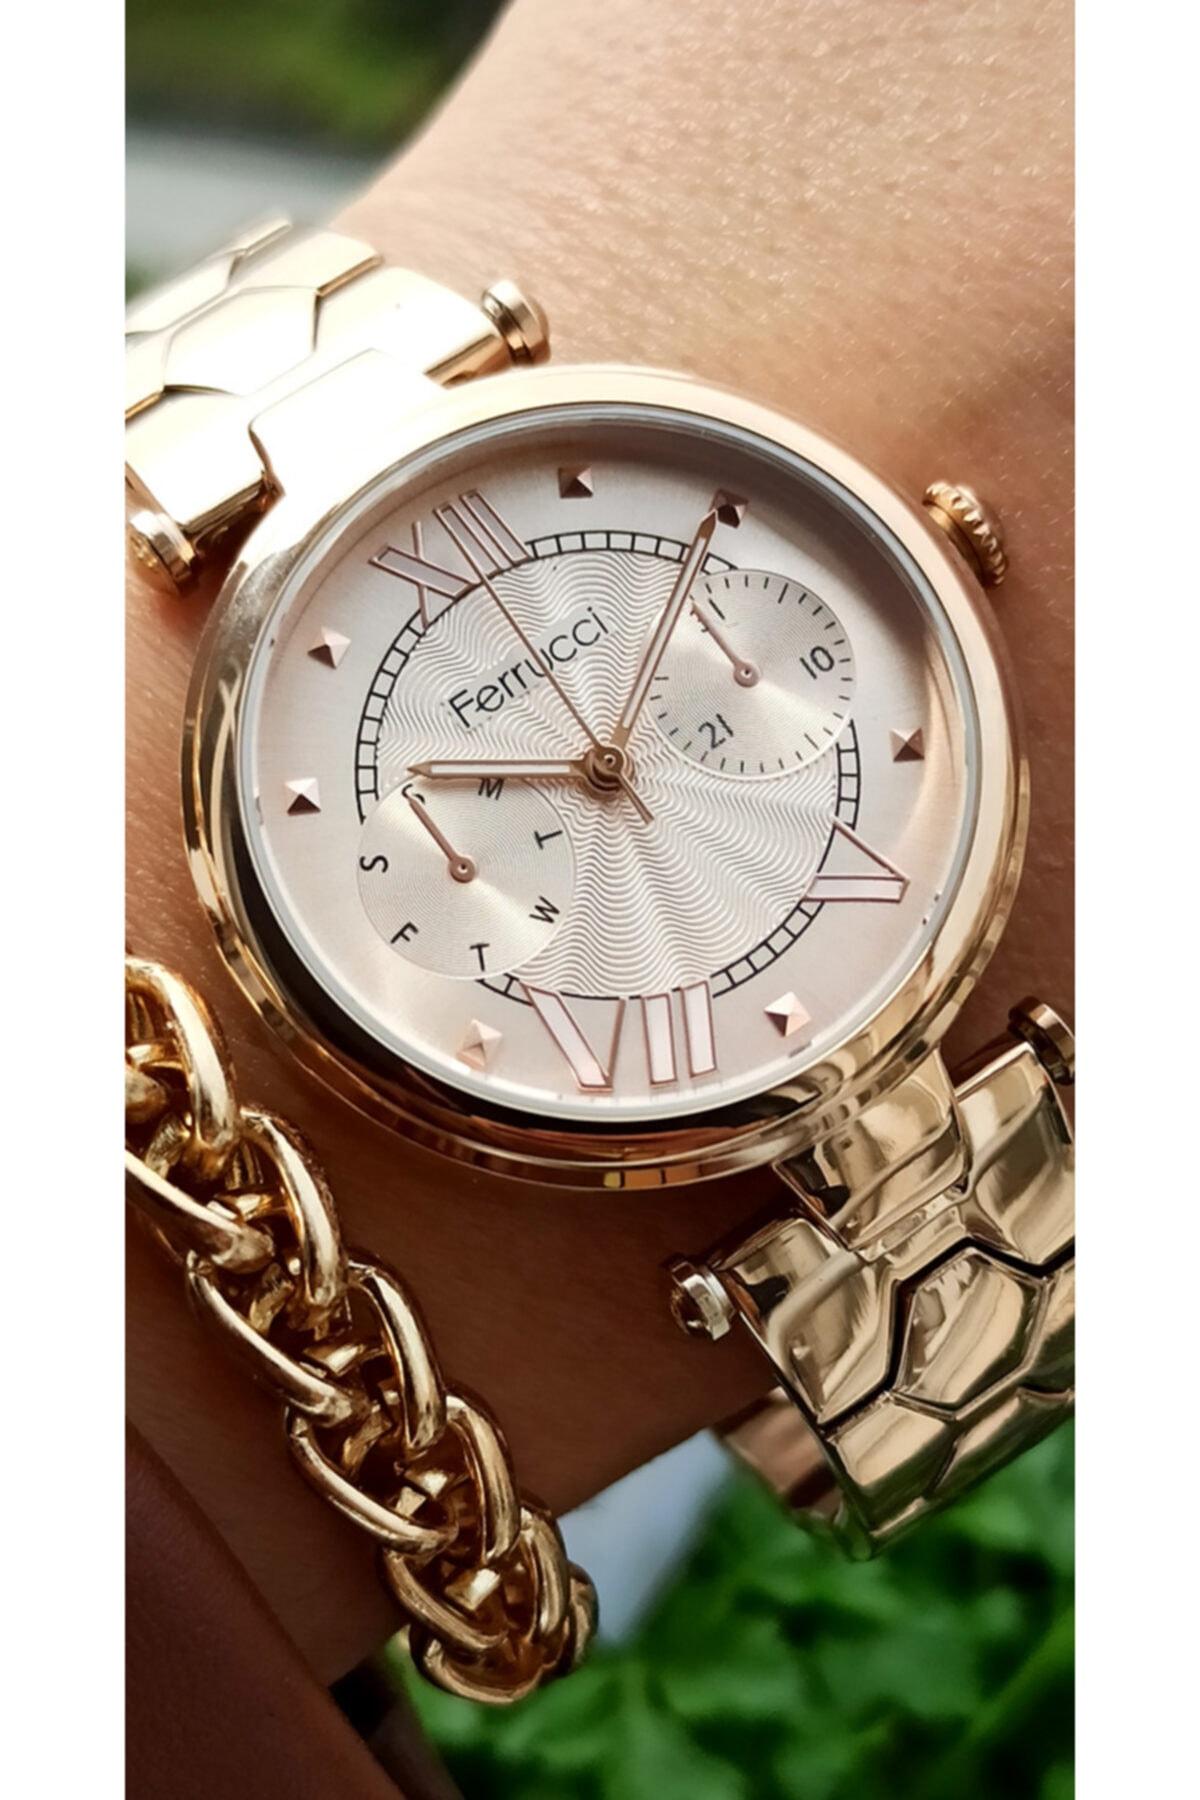 خرید ساعت مچی زنانه لوکس جدید برند Ferrucci رنگ صورتی ty101743823